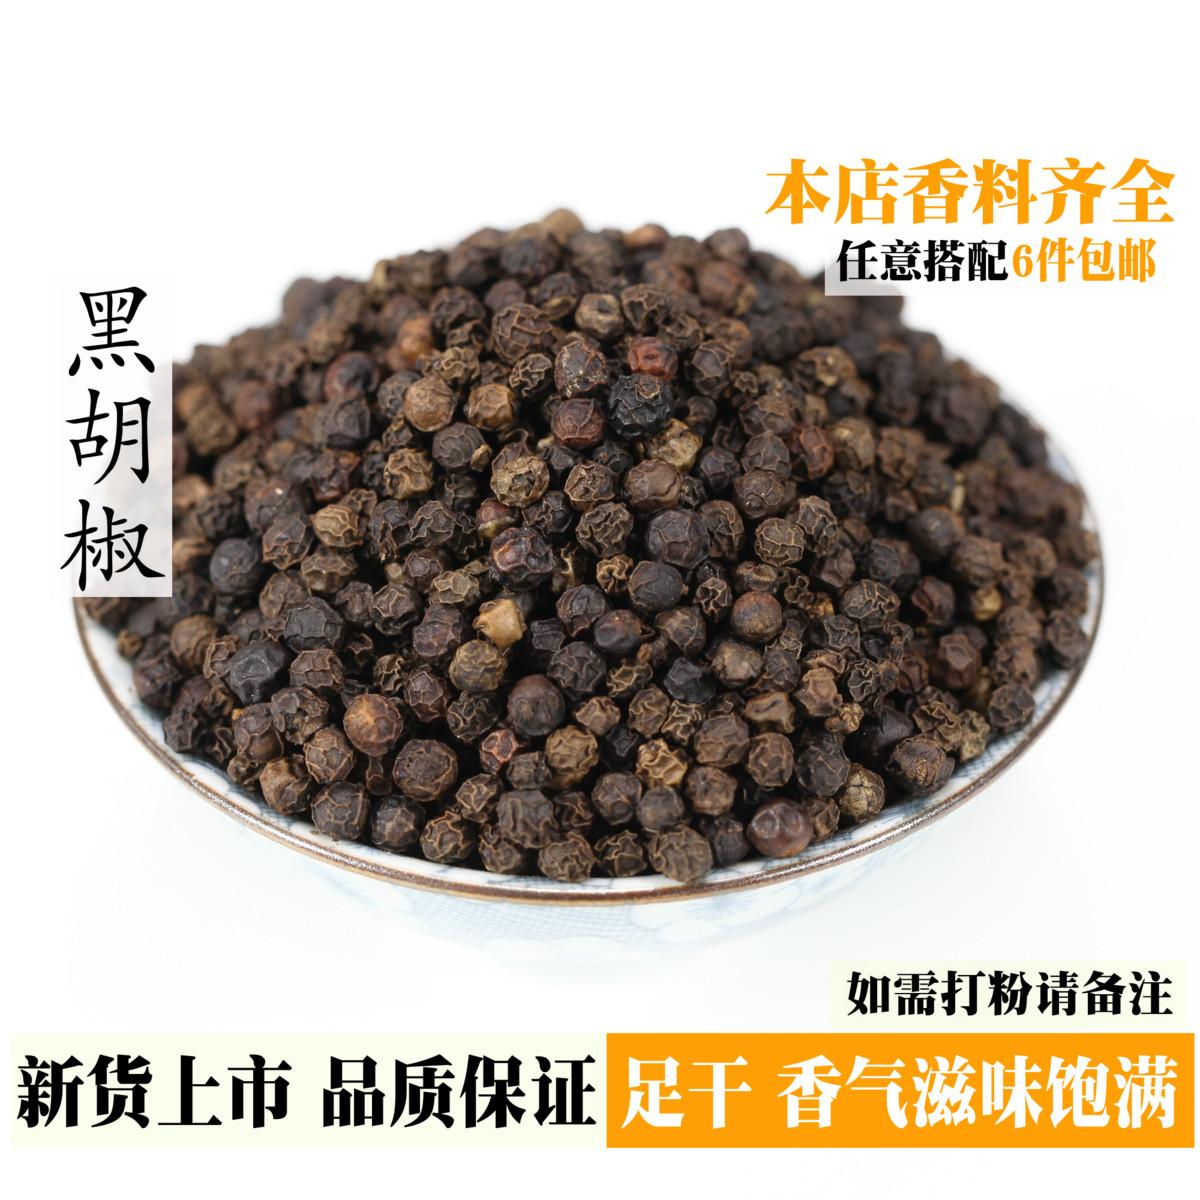 正宗海南农家特级黑胡椒粒50g黑胡椒粉散装牛排调料佐料烧烤特产(非品牌)